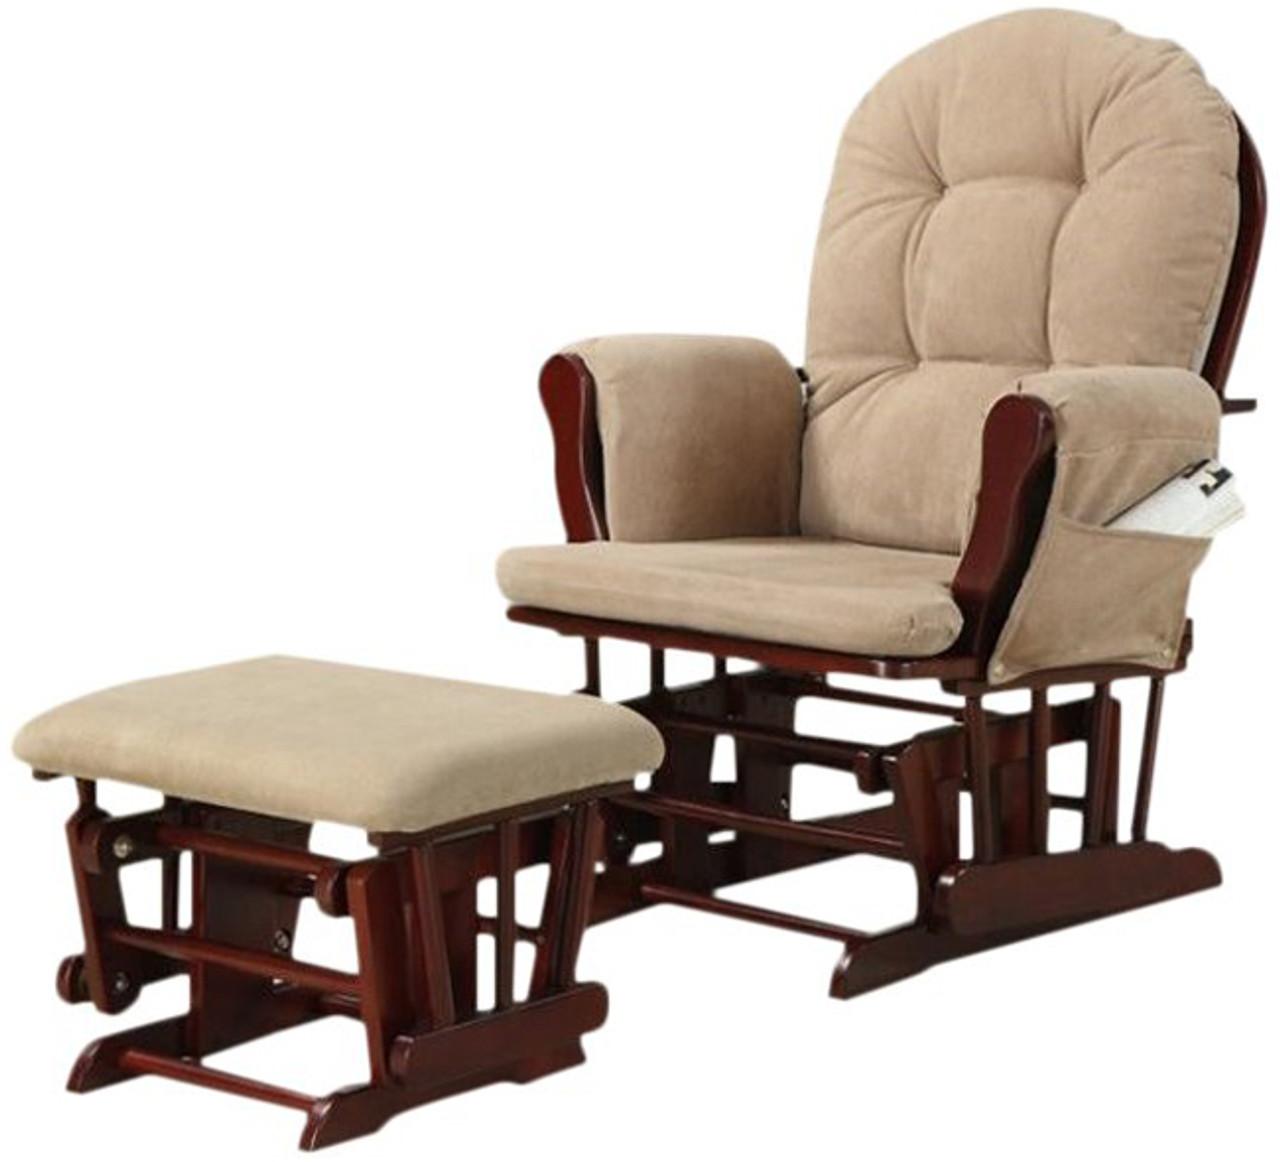 Hollie Glider Chair Ottoman